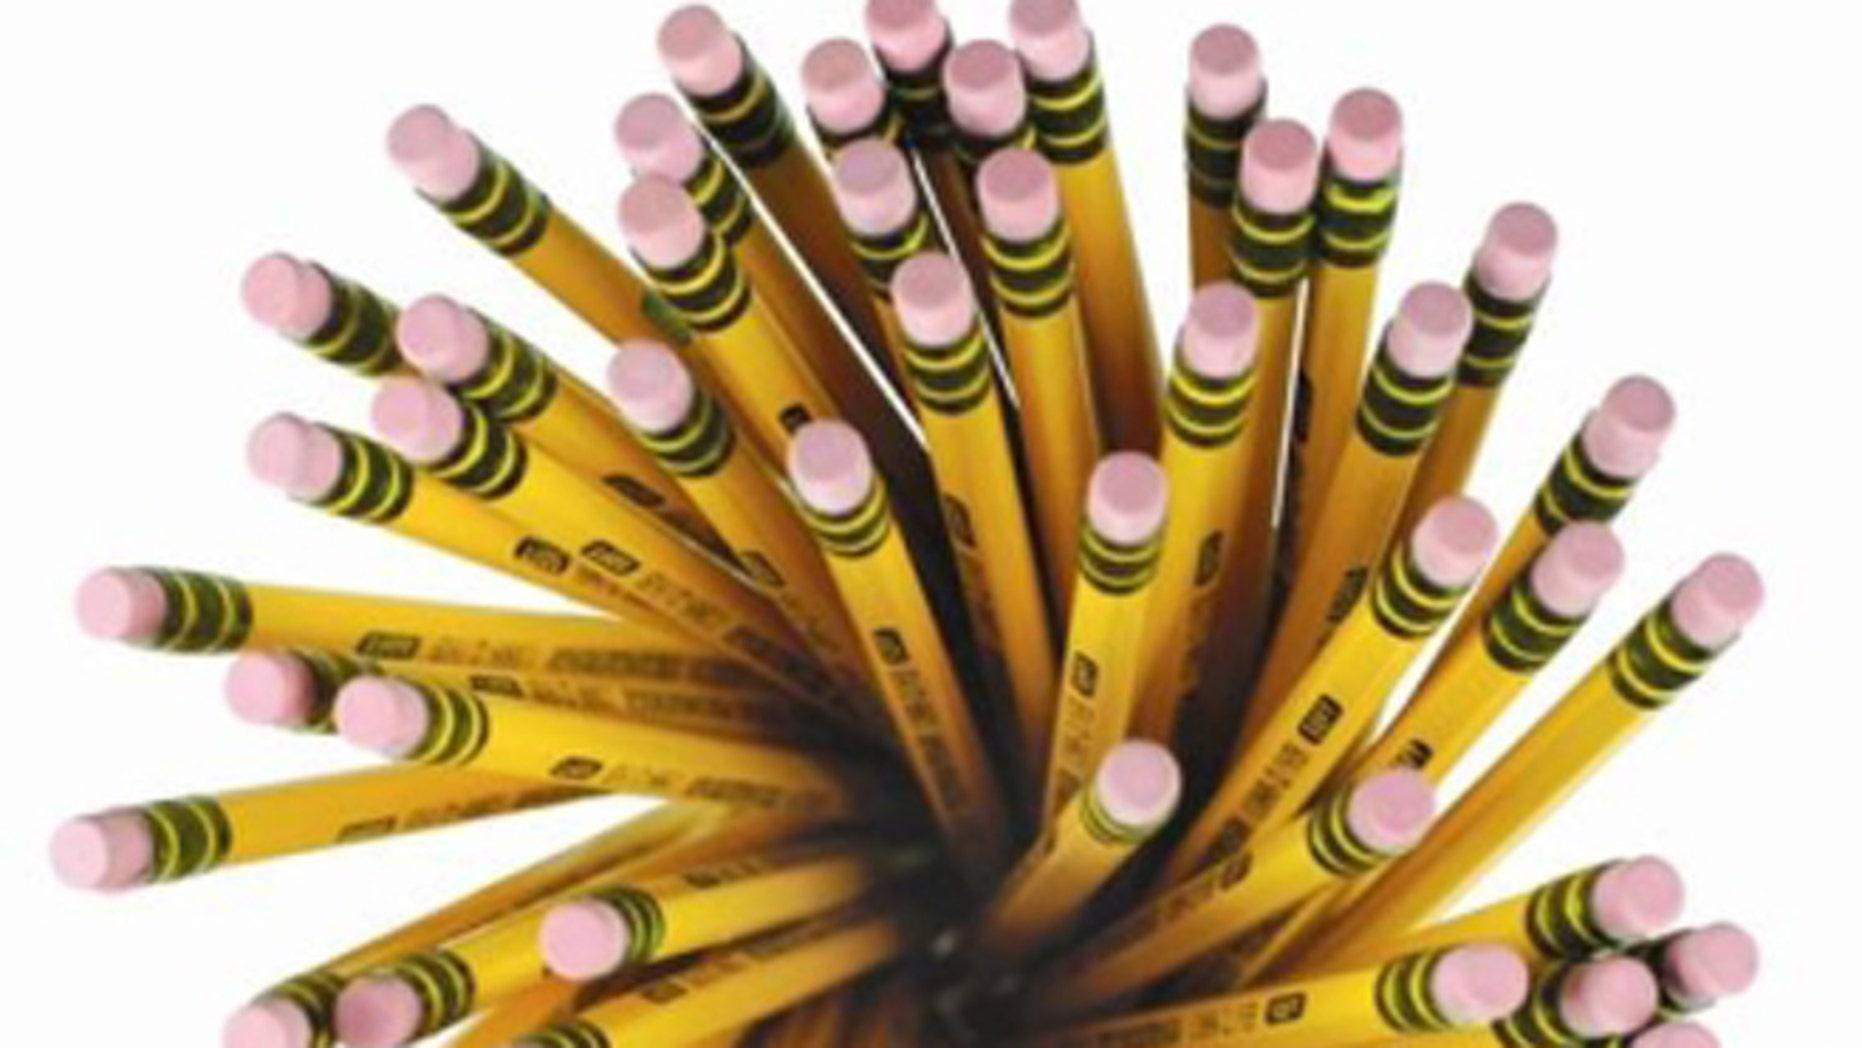 Yellow No. 2 pencils.